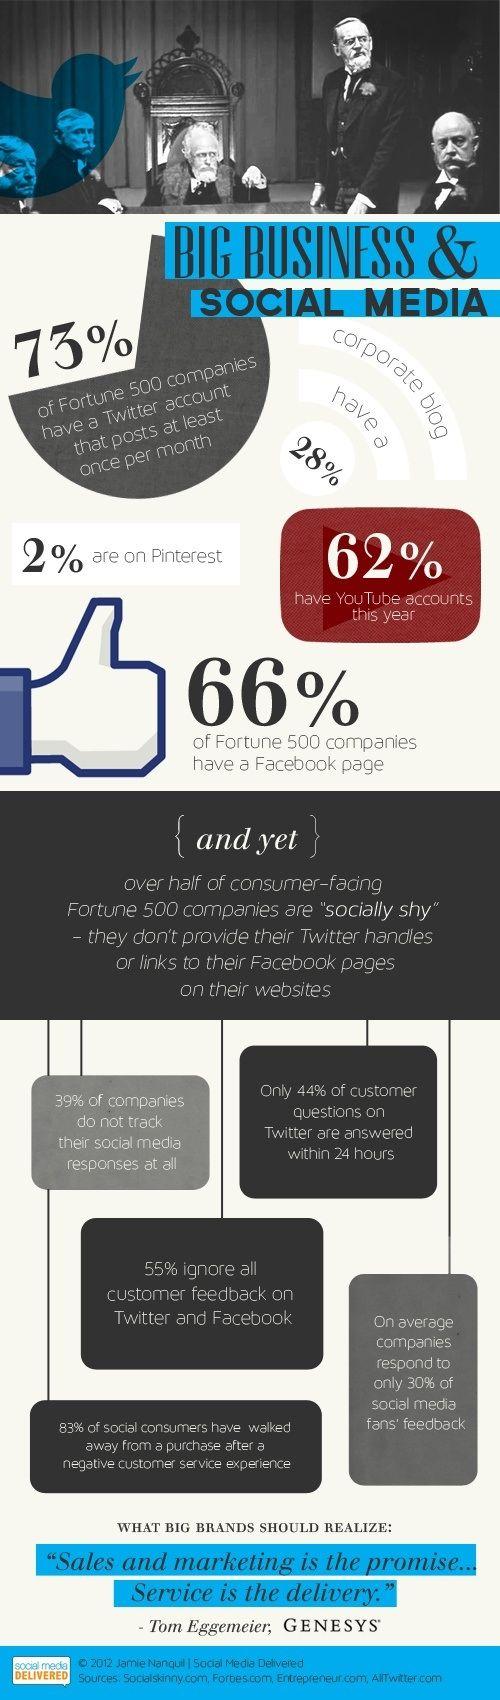 Grandes empresas y Redes Sociales conozca más infografías relacionadas en: http://www.dweb3d.com/blog/diseno-web/infografias-sobre-diseno-web-y-redes-sociales.html